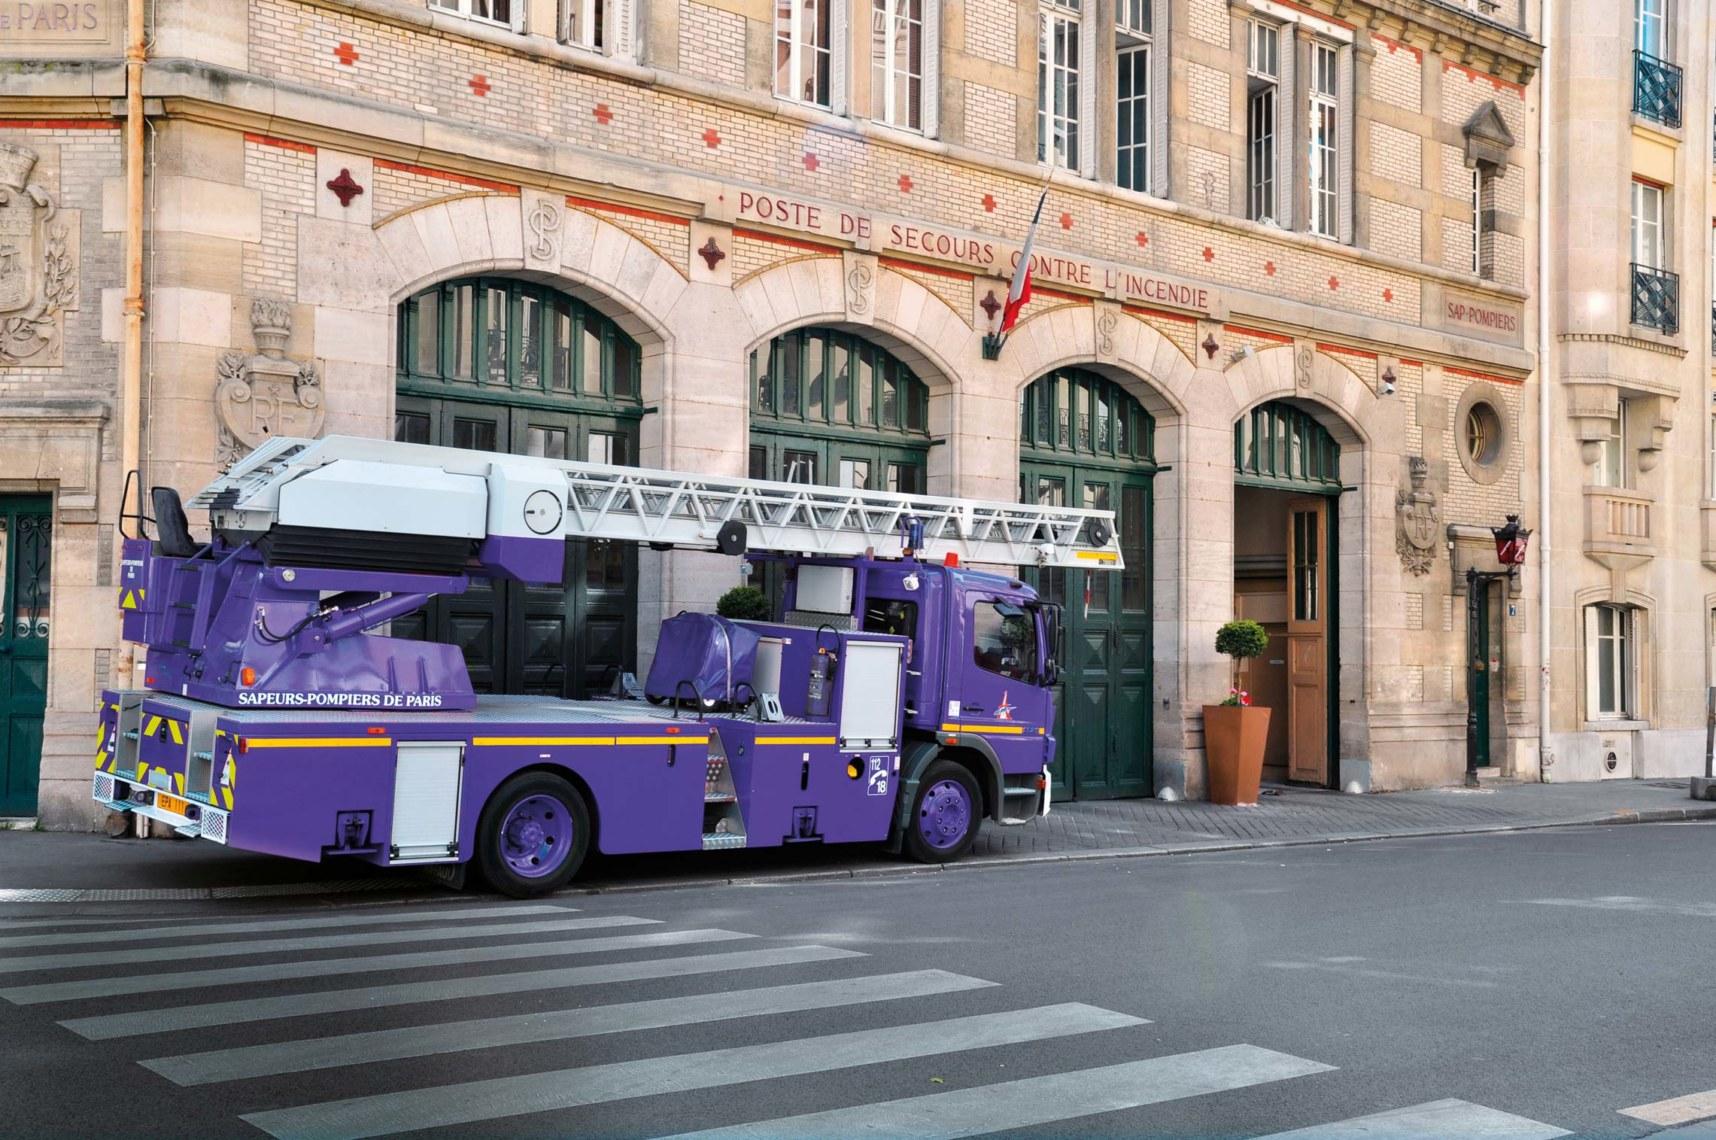 Lila statt Rot? Schwer vorstellbar. Denn ein lila Feuerwehrauto hätte es schwerer, sich durch den Verkehr zu kämpfen. ©shutterstock